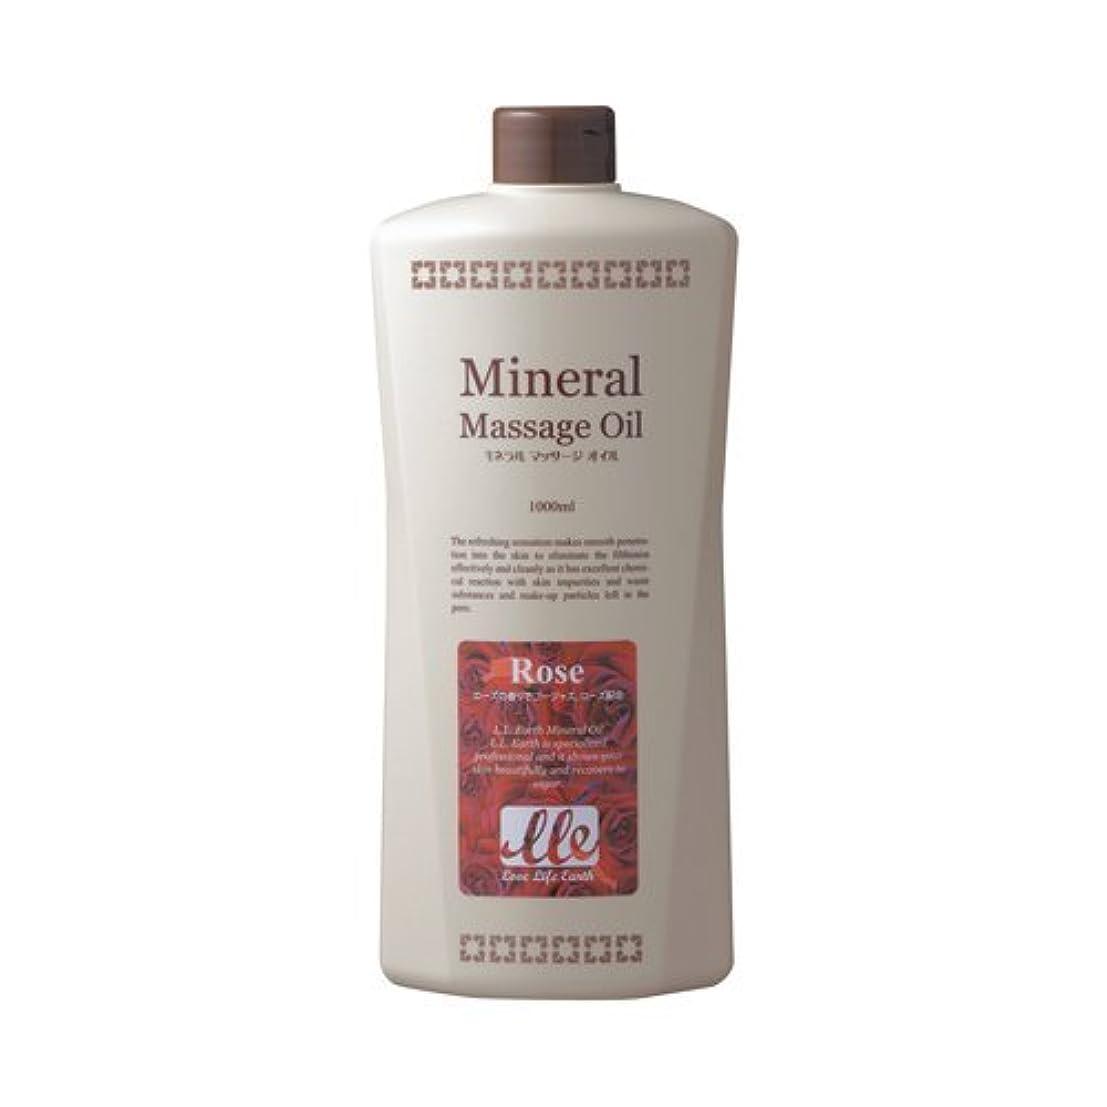 LLE 業務用 ミネラル マッサージオイル [香り5種] (ボディ用) ローズ1L